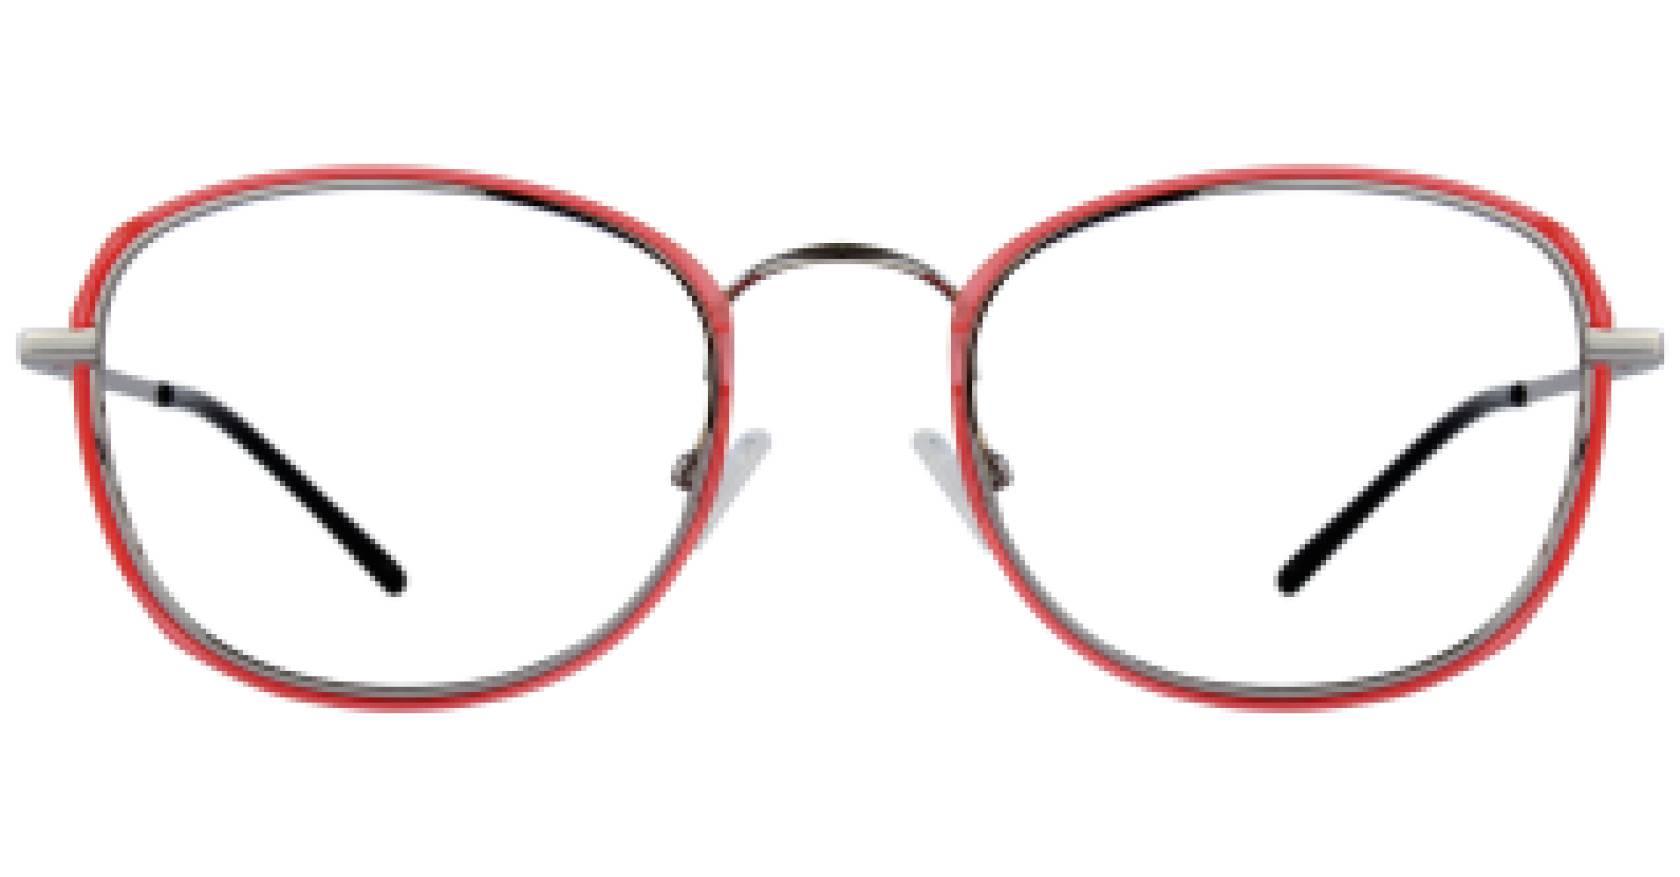 imagen miniatura frontal de la referencia 1001430